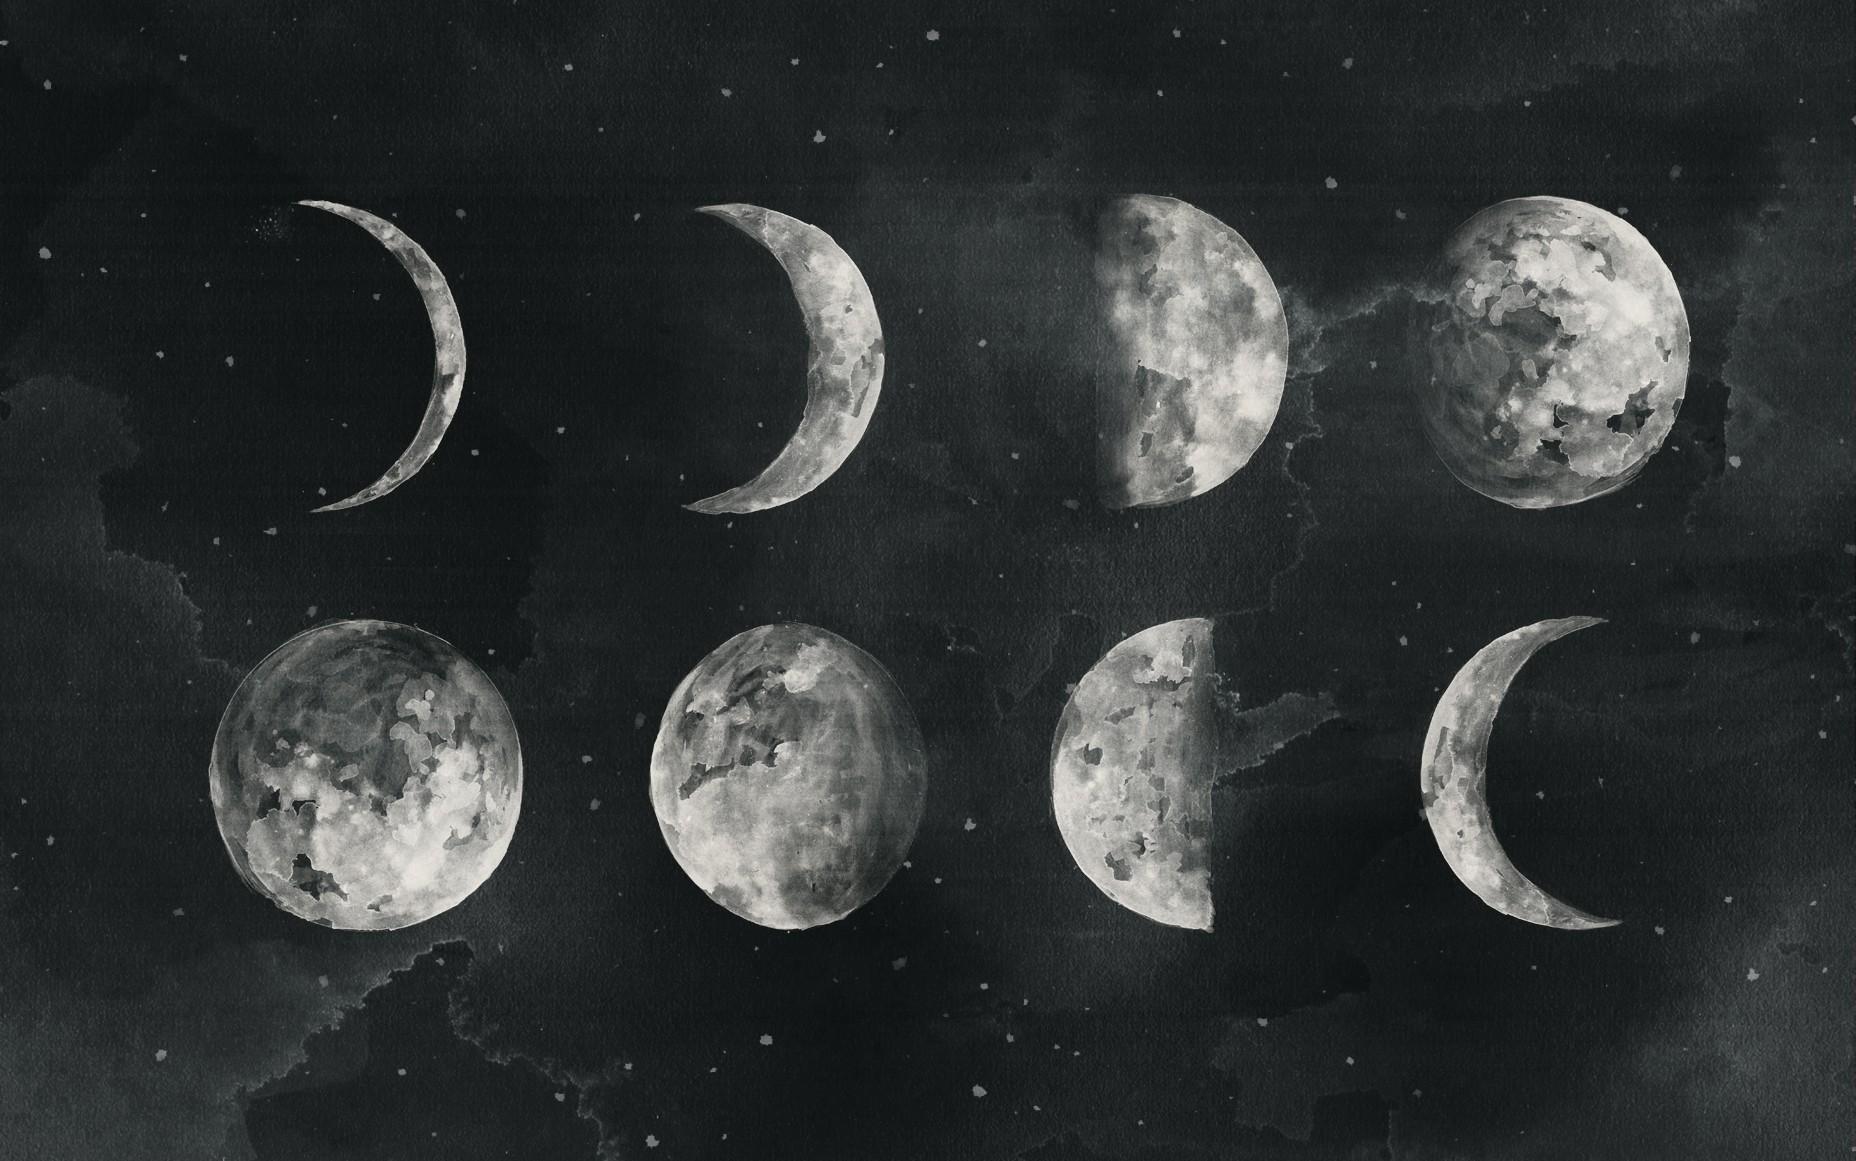 технология картинка новолуние рост луны высокая температура это